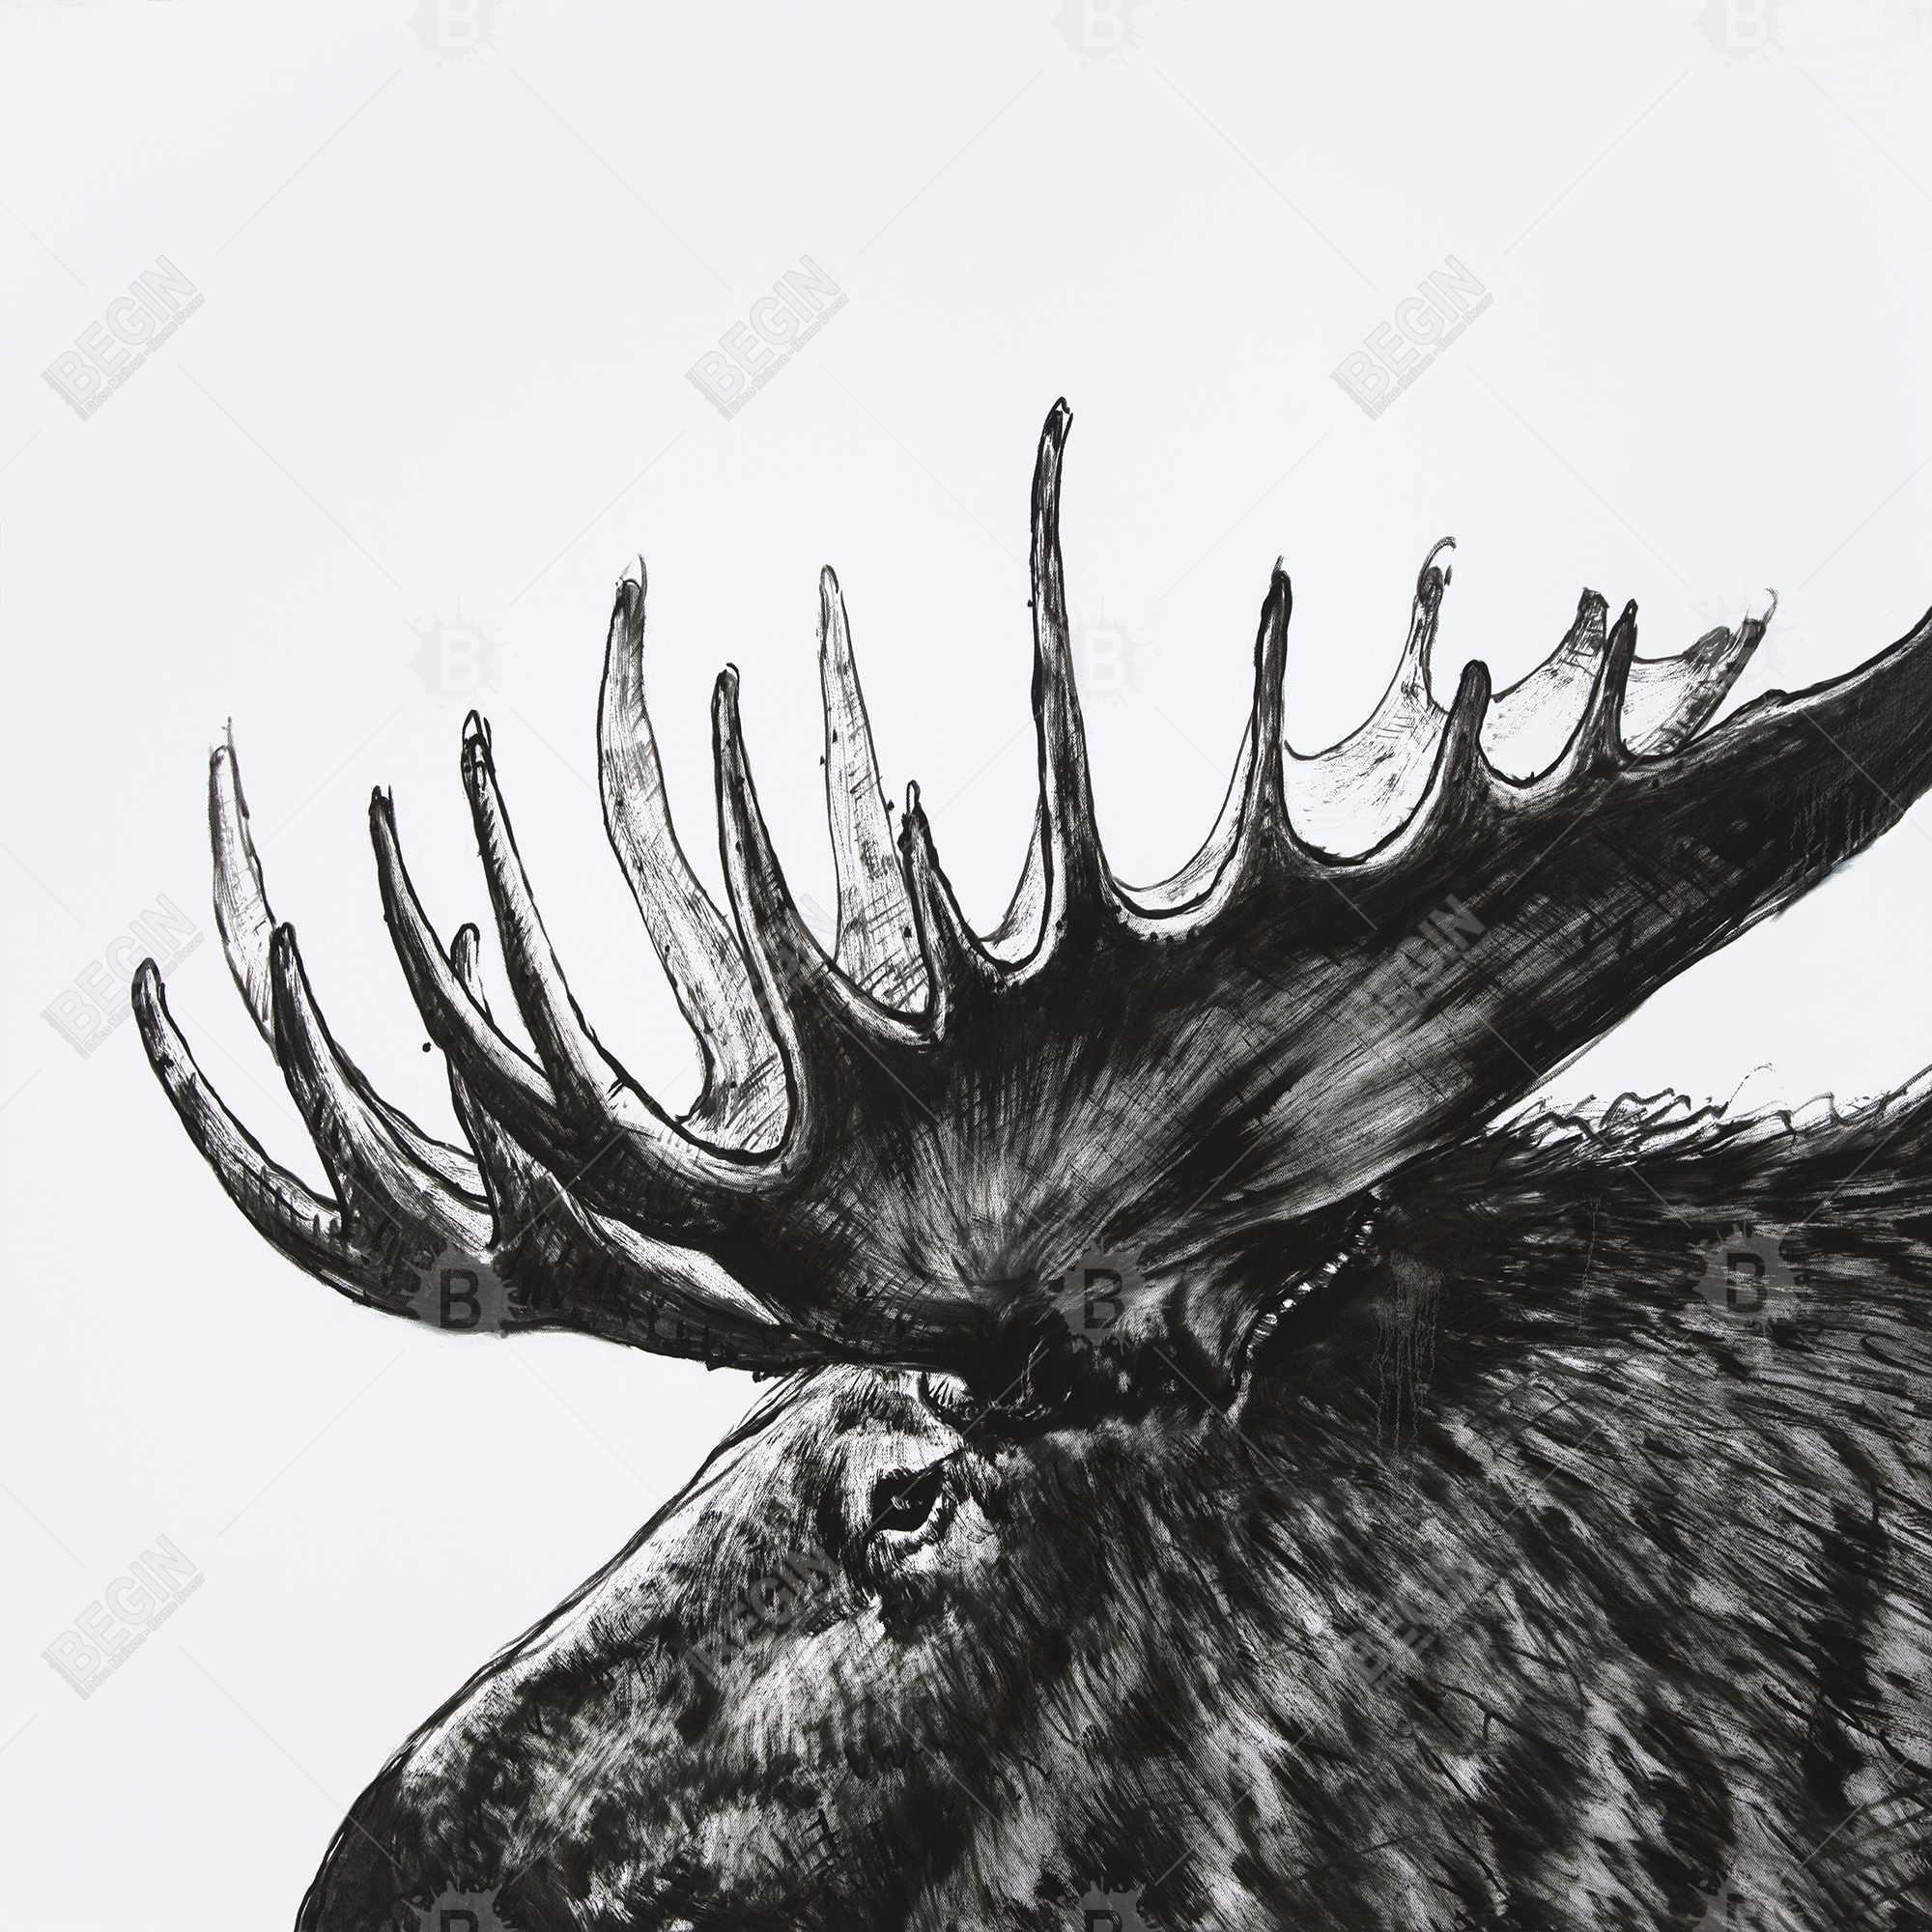 Moose plume